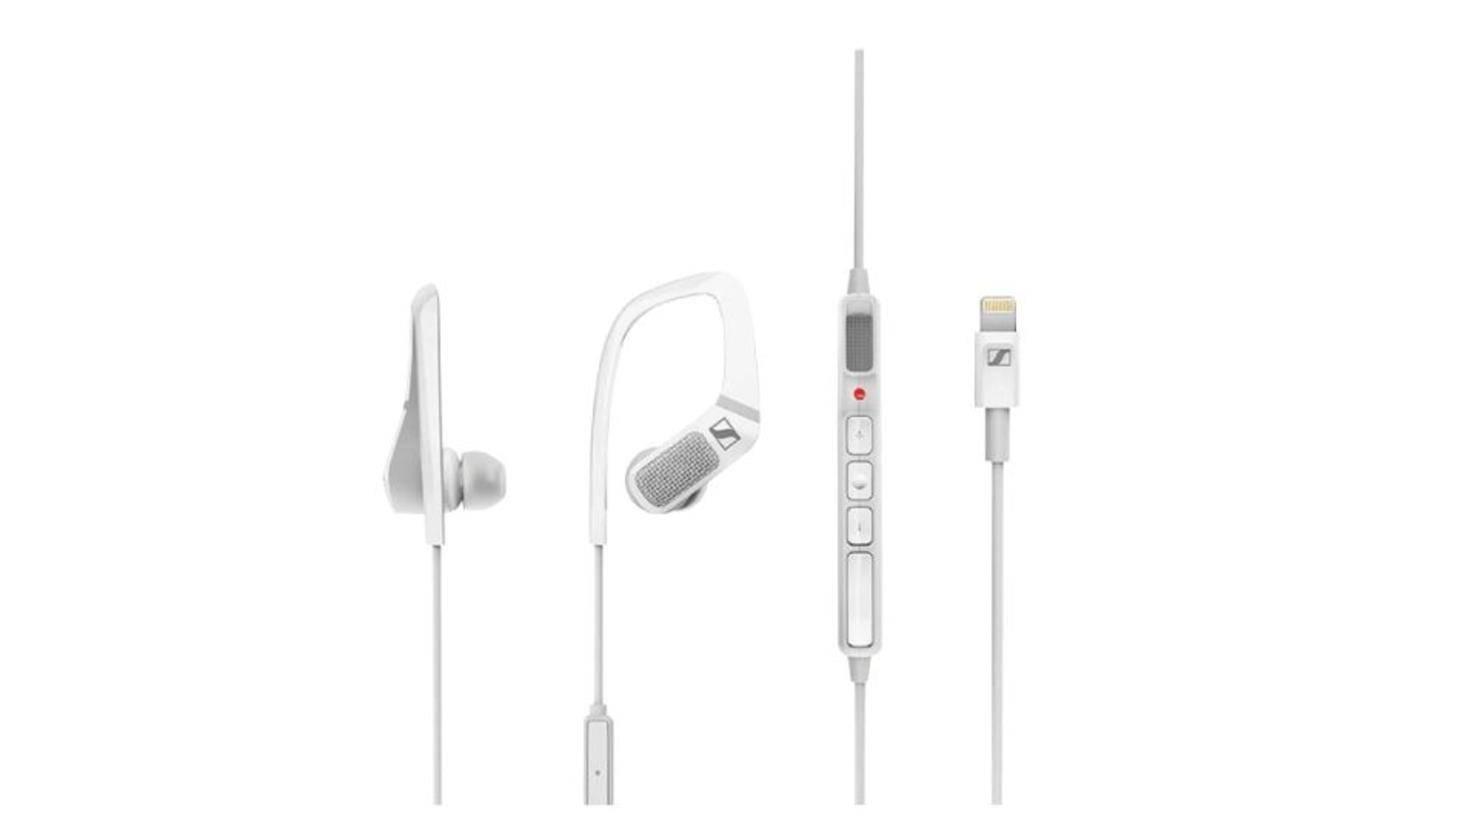 Sennheiser-Ambeo-Smart-Headset-lightning